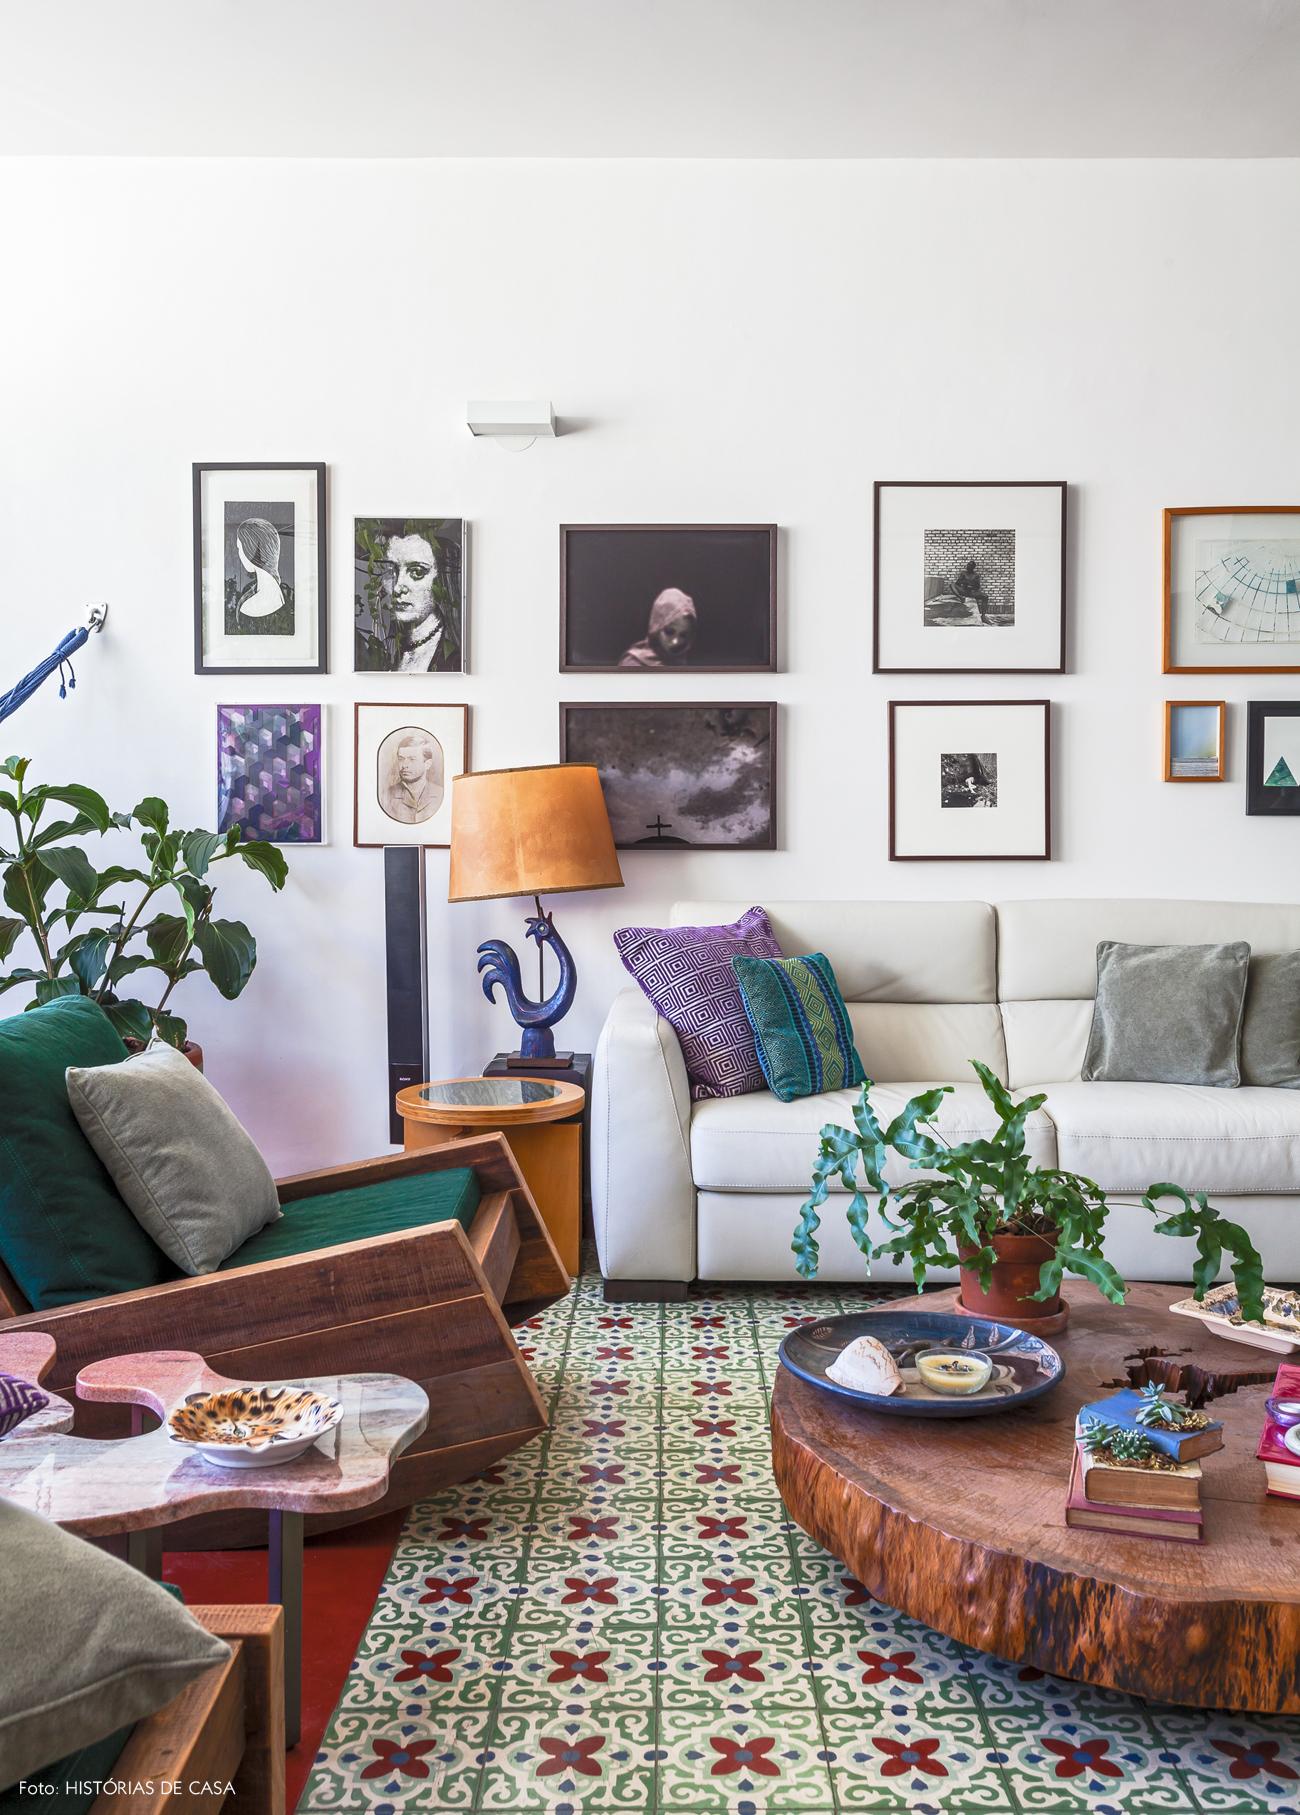 04-decoracao-sala-integrada-parede-de-quadros-plantas